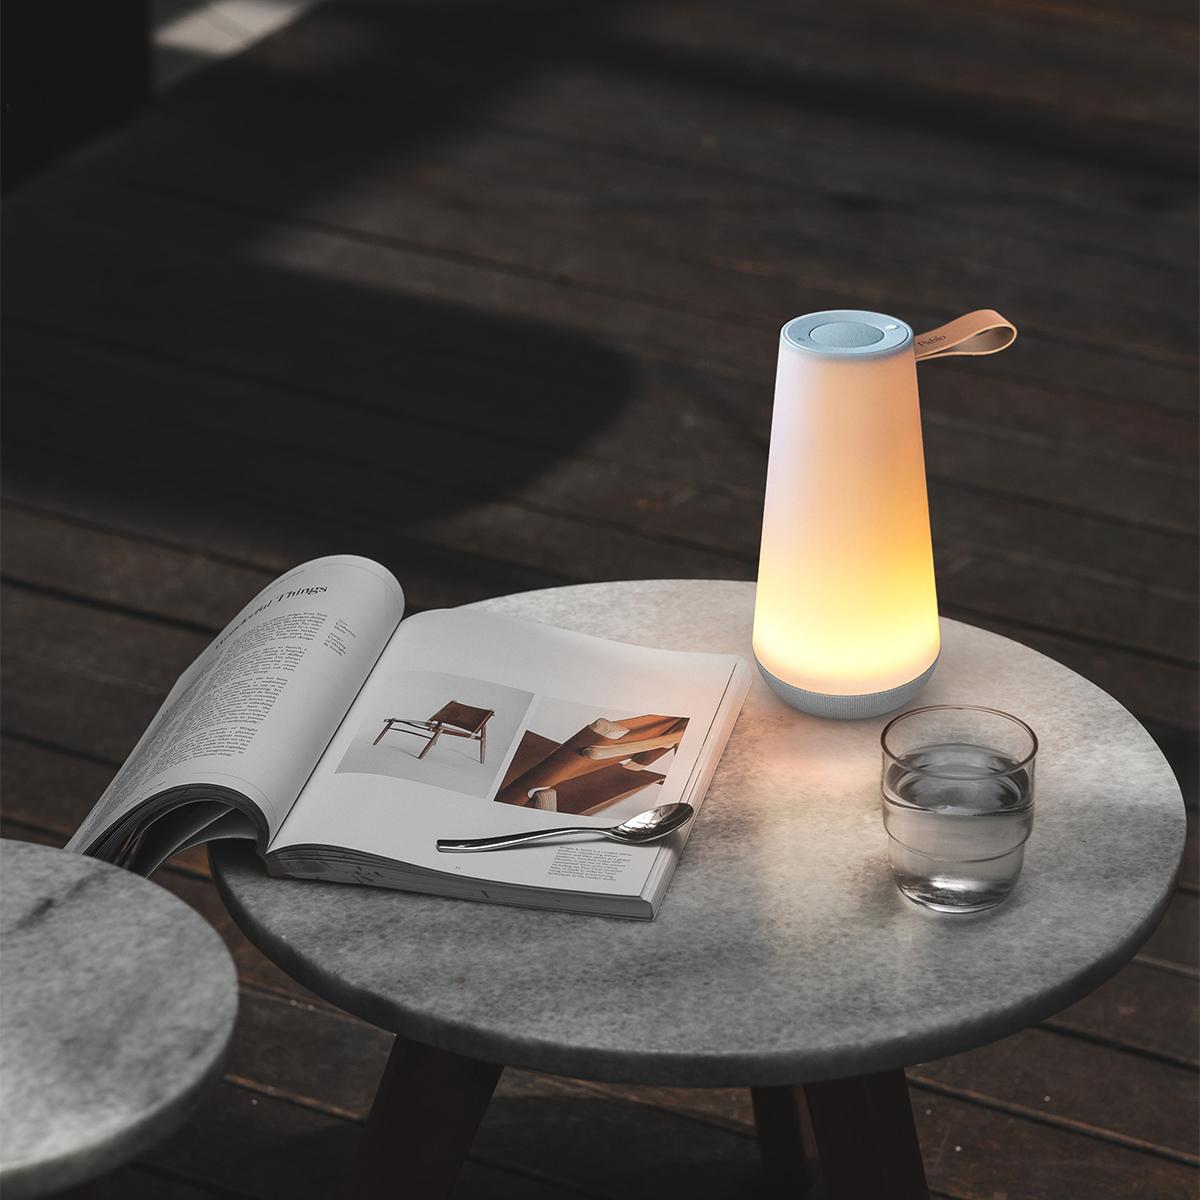 発想からUMAの製品化までは3年。現代のあらゆる最先端技術をひとつの美しいフォルムに収めた。「音」と「光」の調和するワイヤレスHi-Fiスピーカー|Pablo UMA MINI